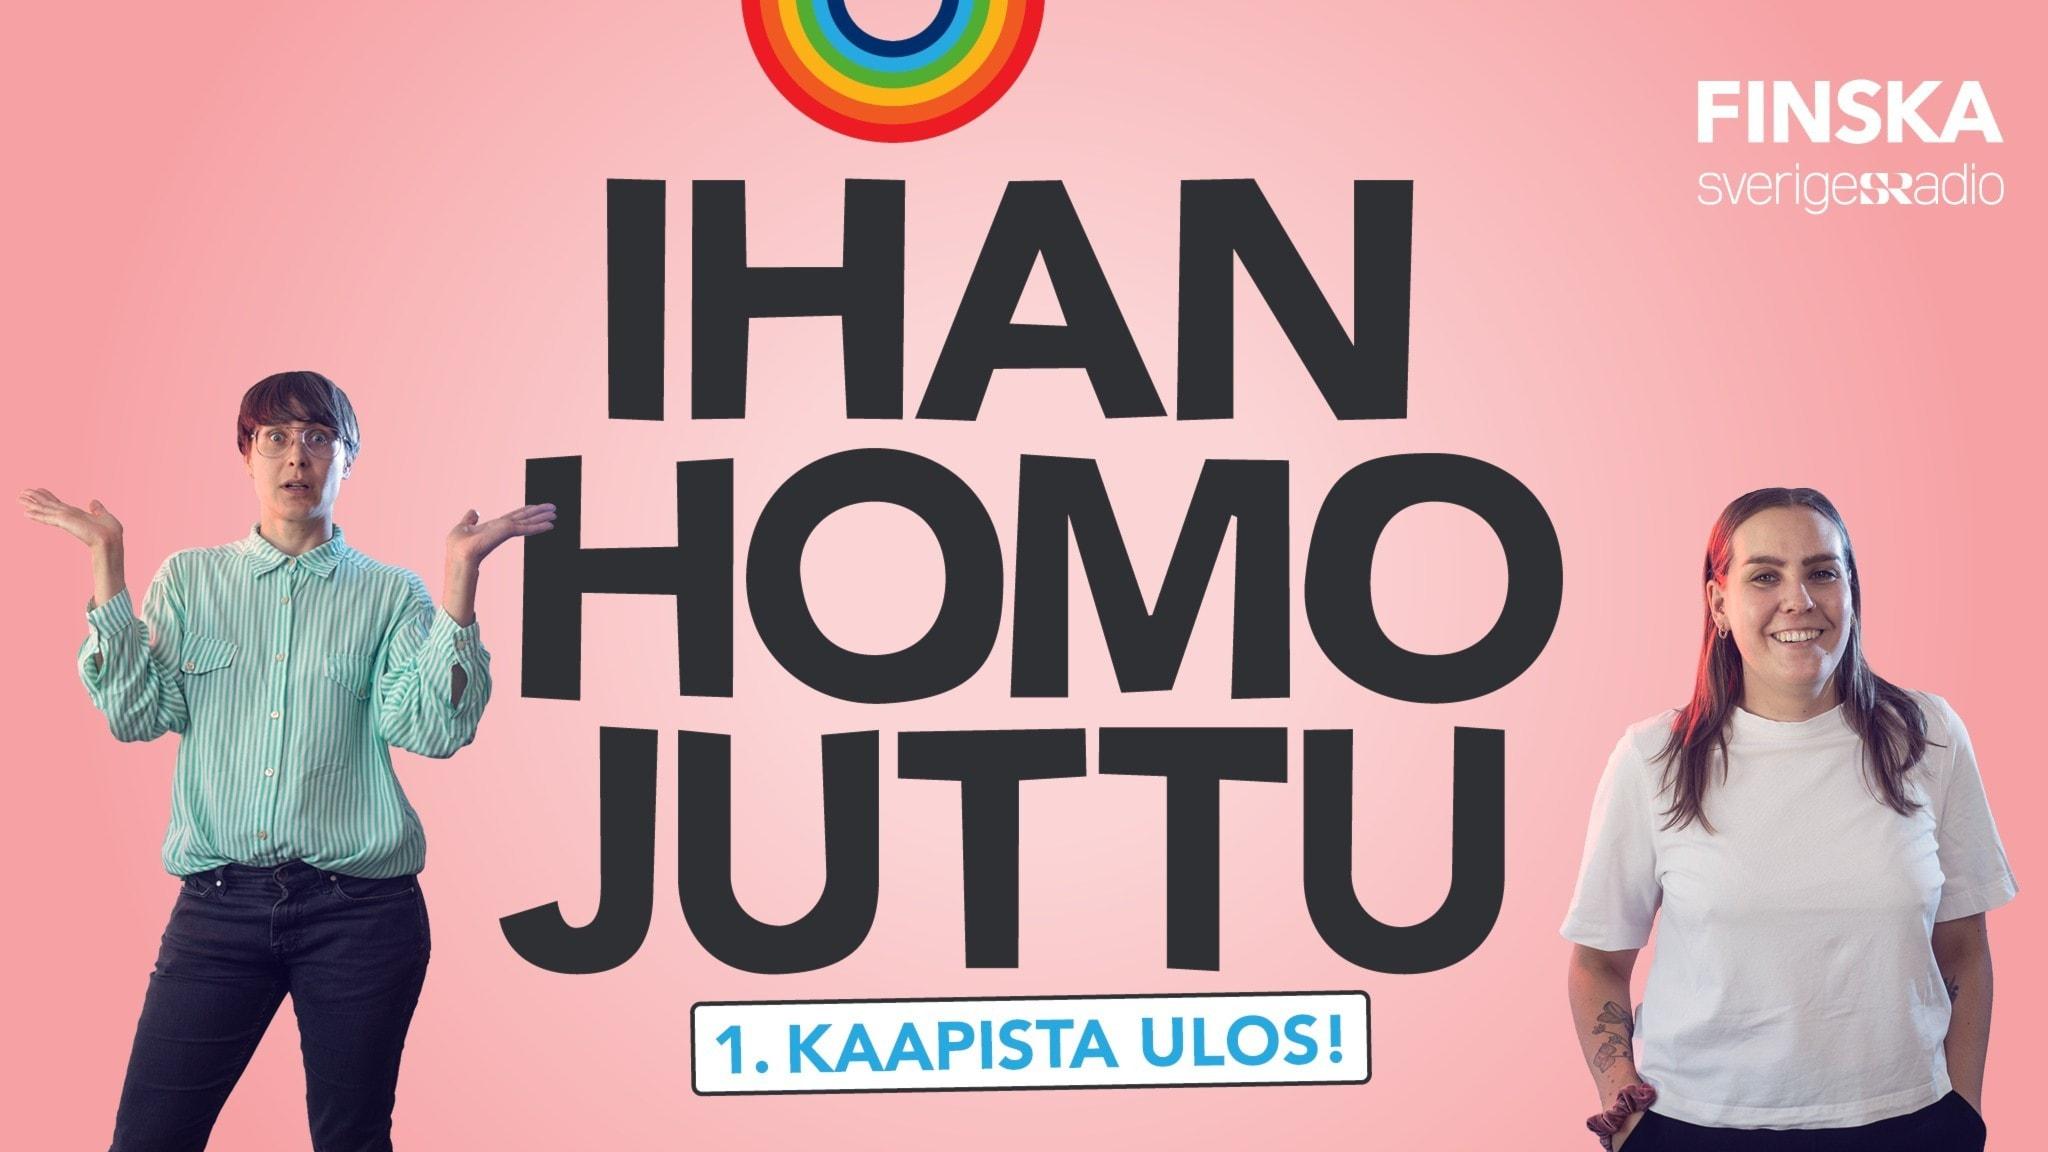 Vaaleanpunainen tausta jonka päällä lukee Ihan homo juttu isoilla kirjaimilla. Tekstin kummallakin puolella on kuva ohjelman juontajista.